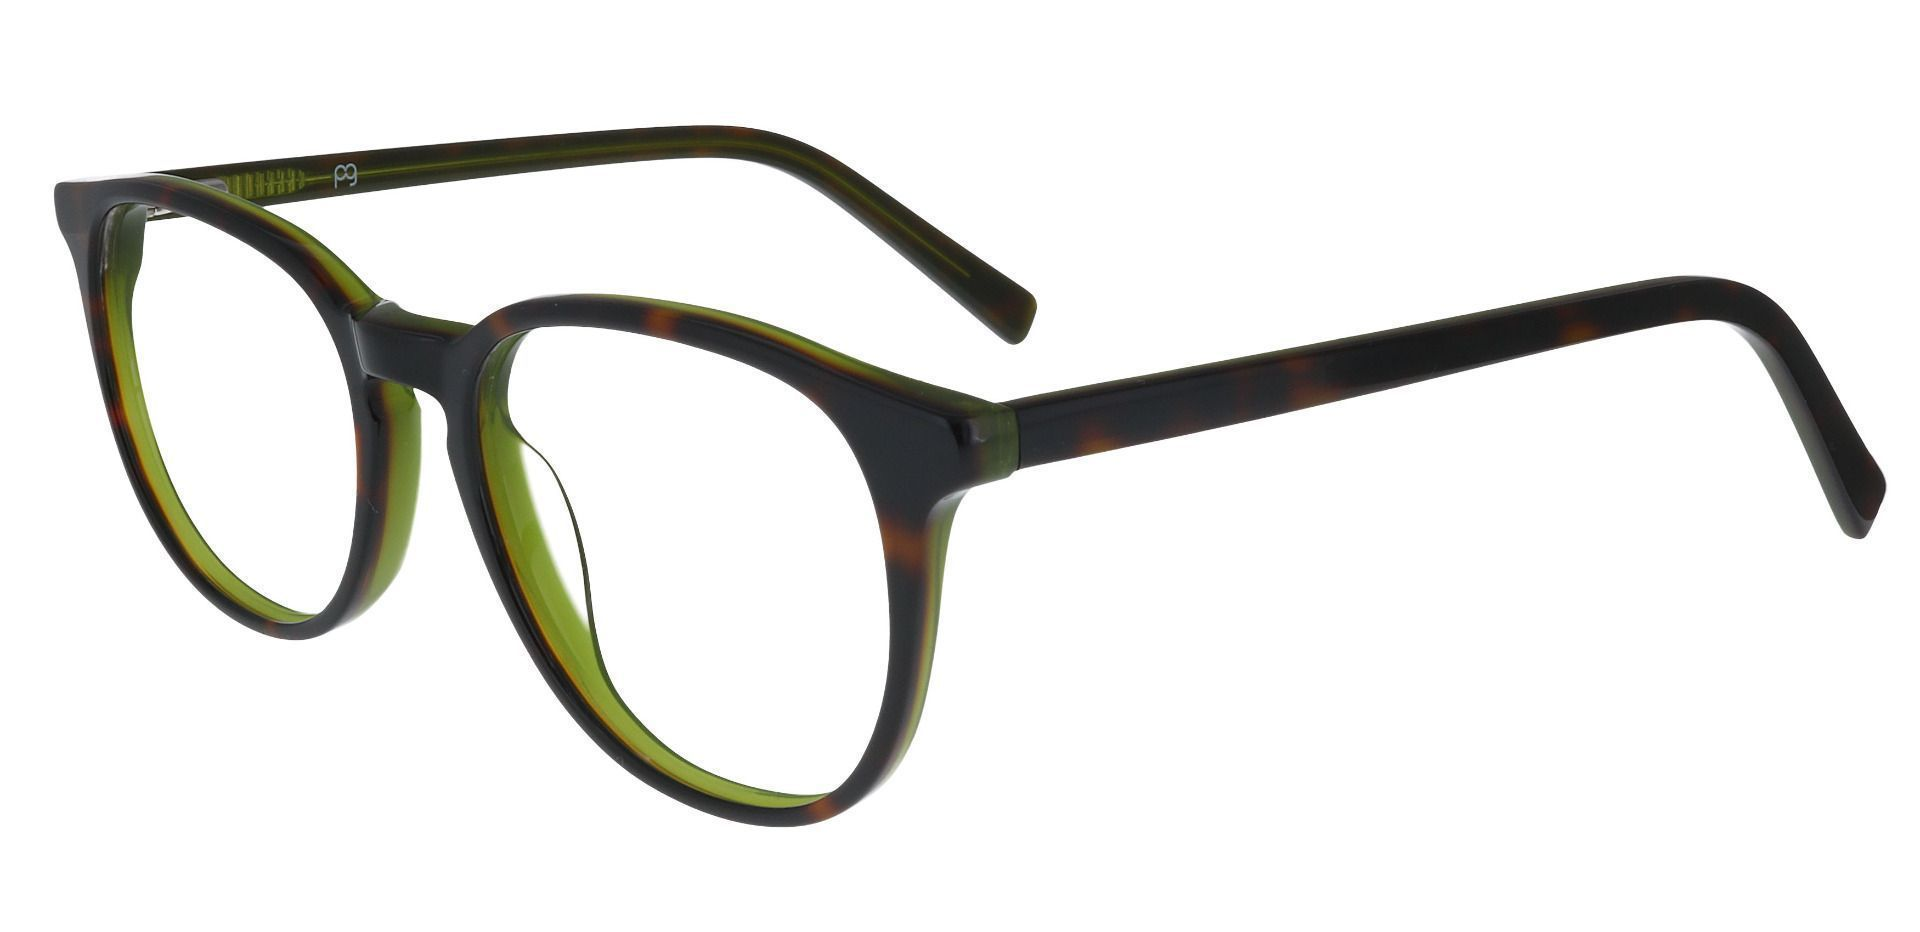 Dunbar Oval Prescription Glasses - Green